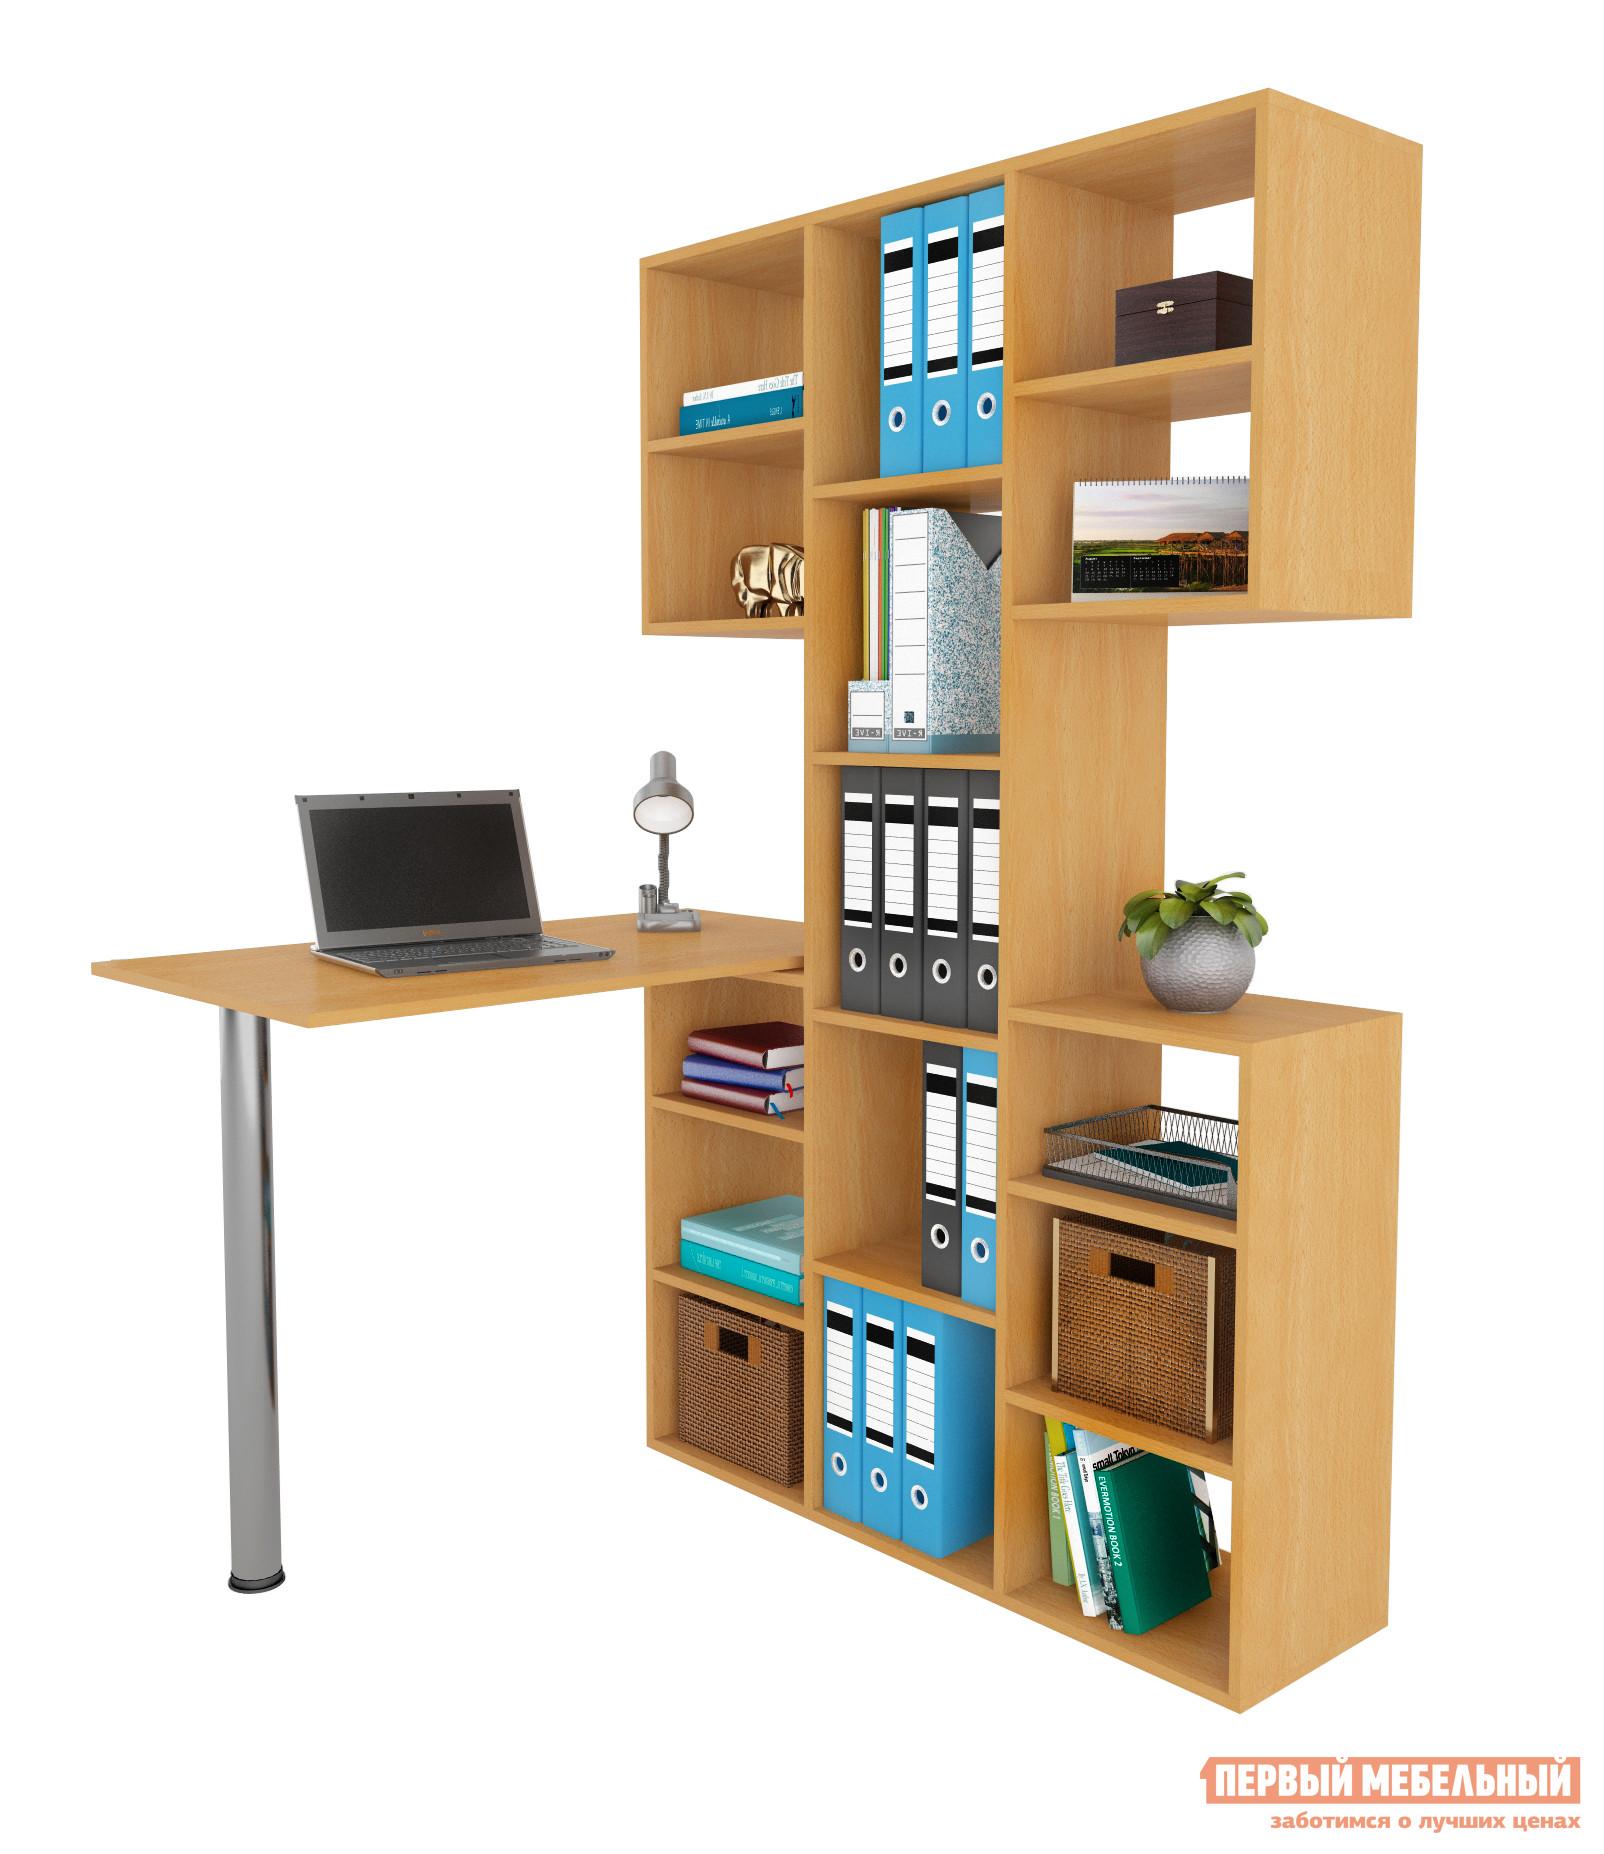 Компьютерный стол МФ Мастер Рикс-3 + Рикс-6 Бук